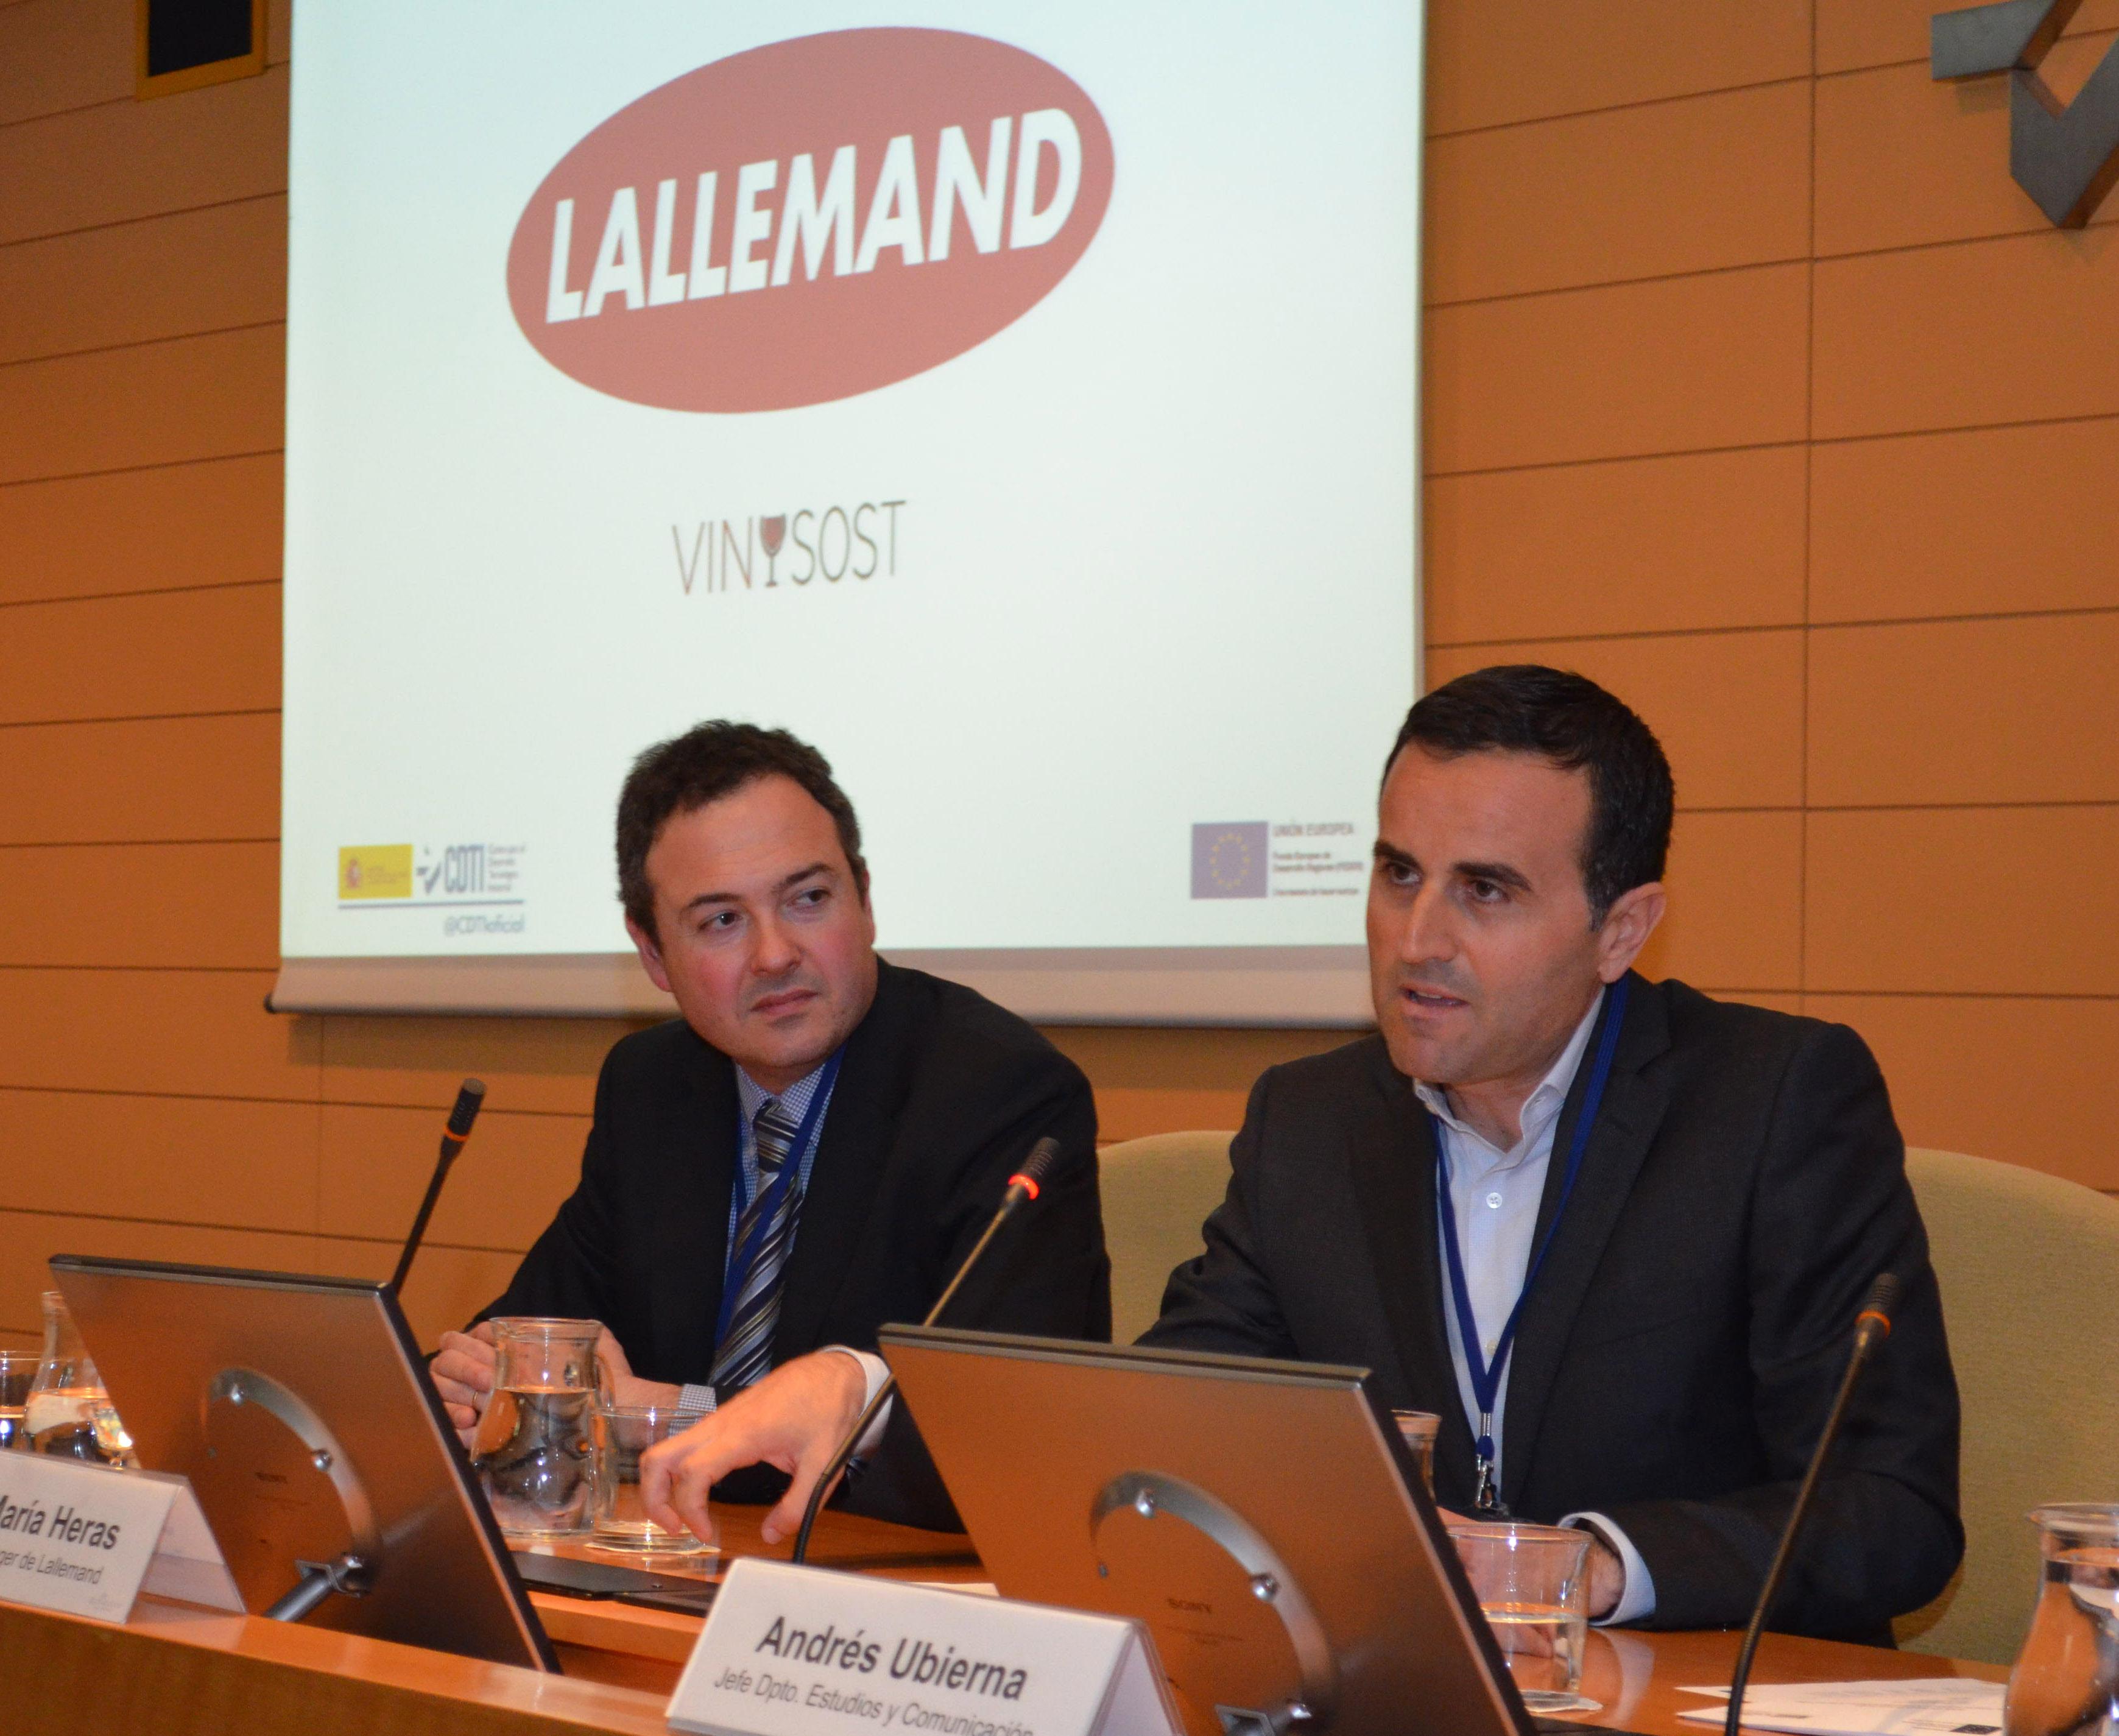 El CDTI reconoce la labor del proyecto consorciado VINYSOST en materia de comunicación